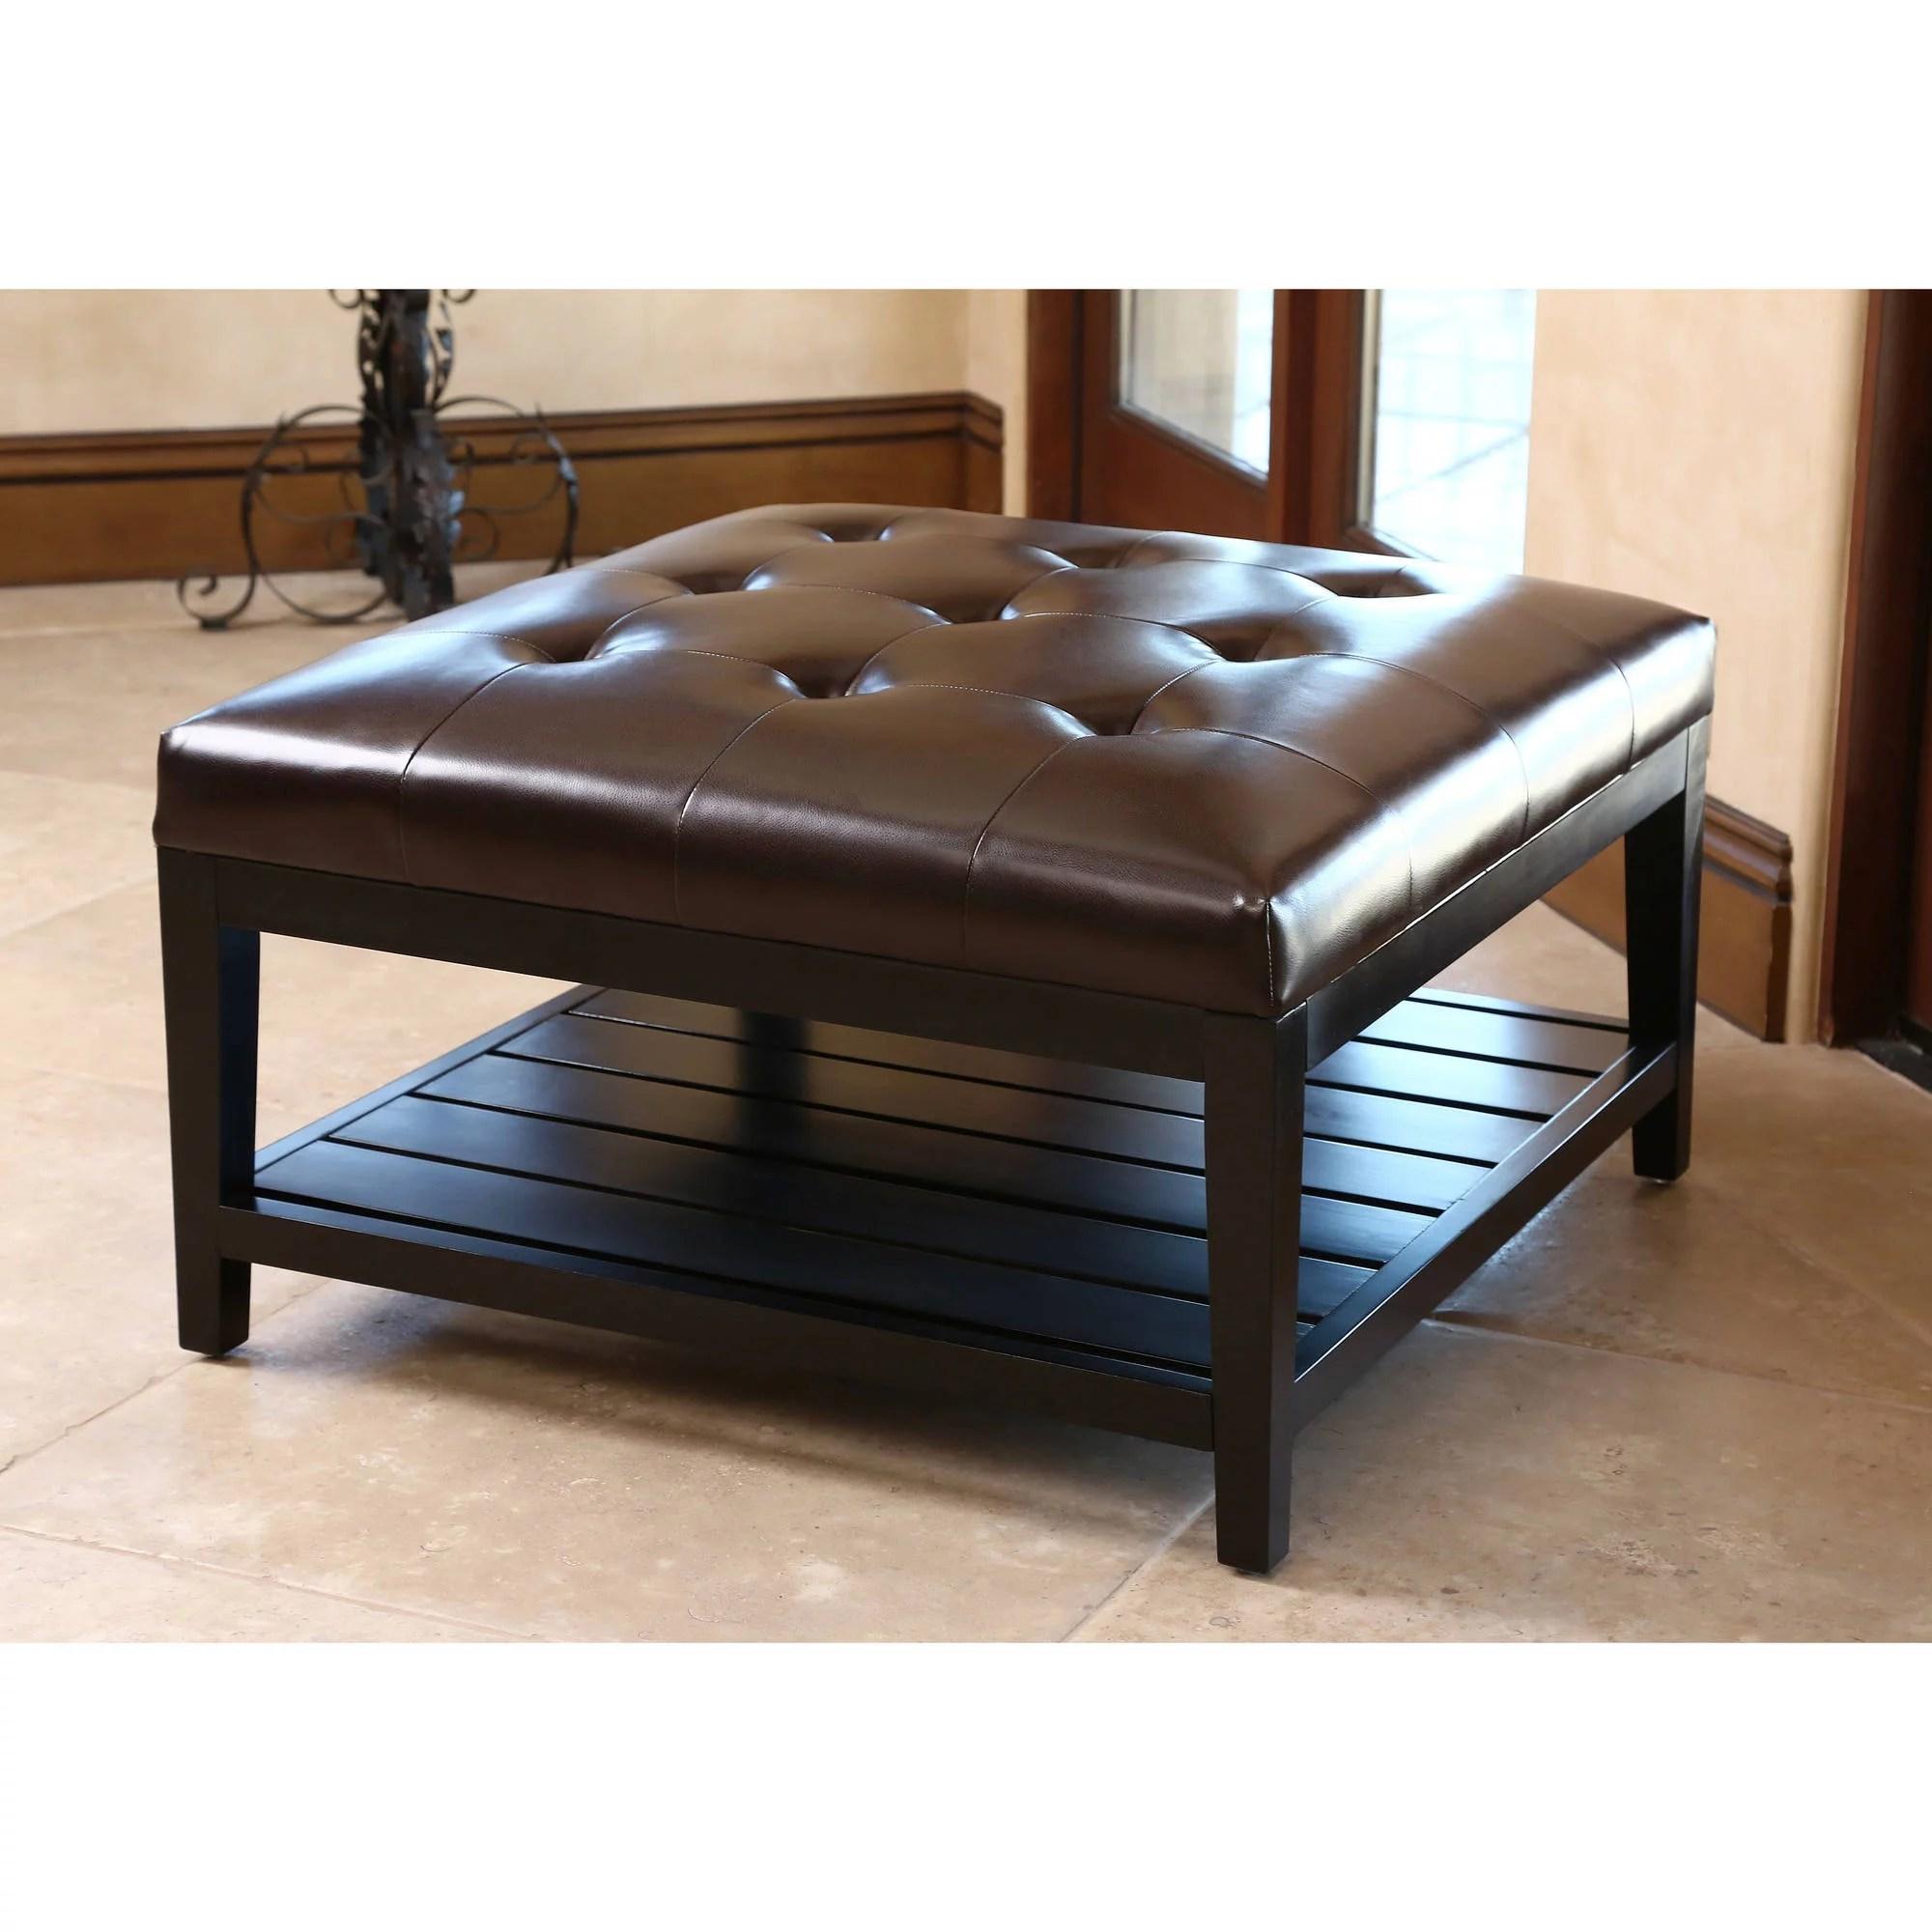 devon claire trafford dark brown leather square coffee table ottoman